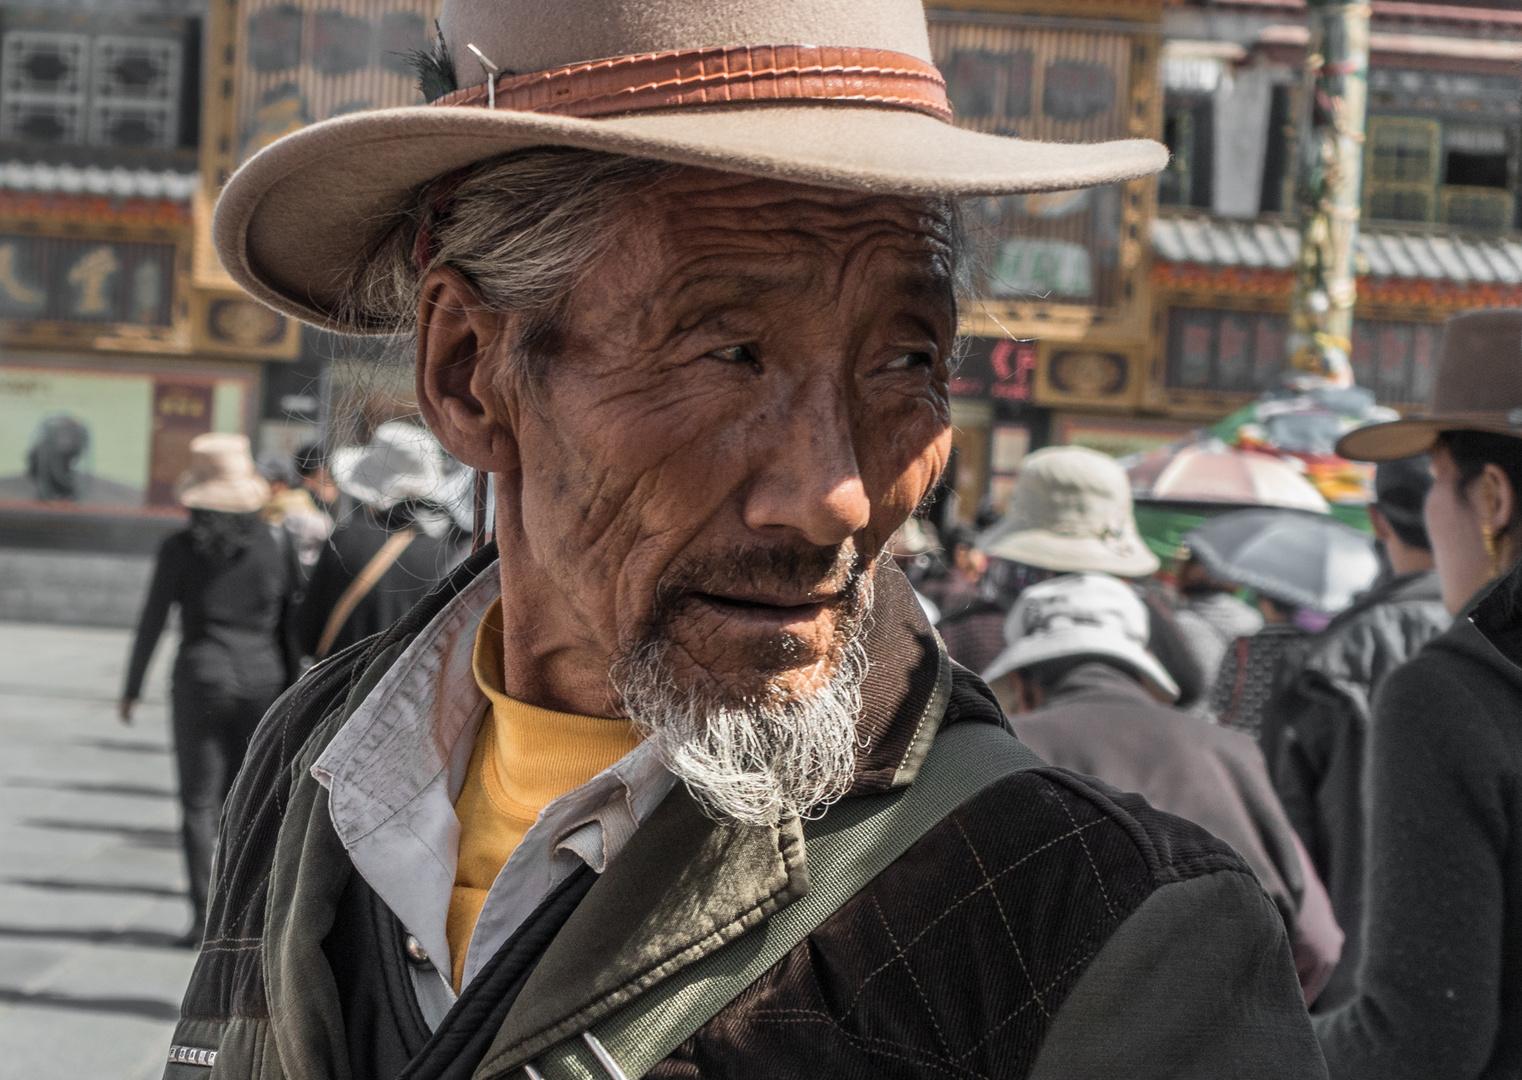 Auf dem Barkhor in Lhasa, Tibet